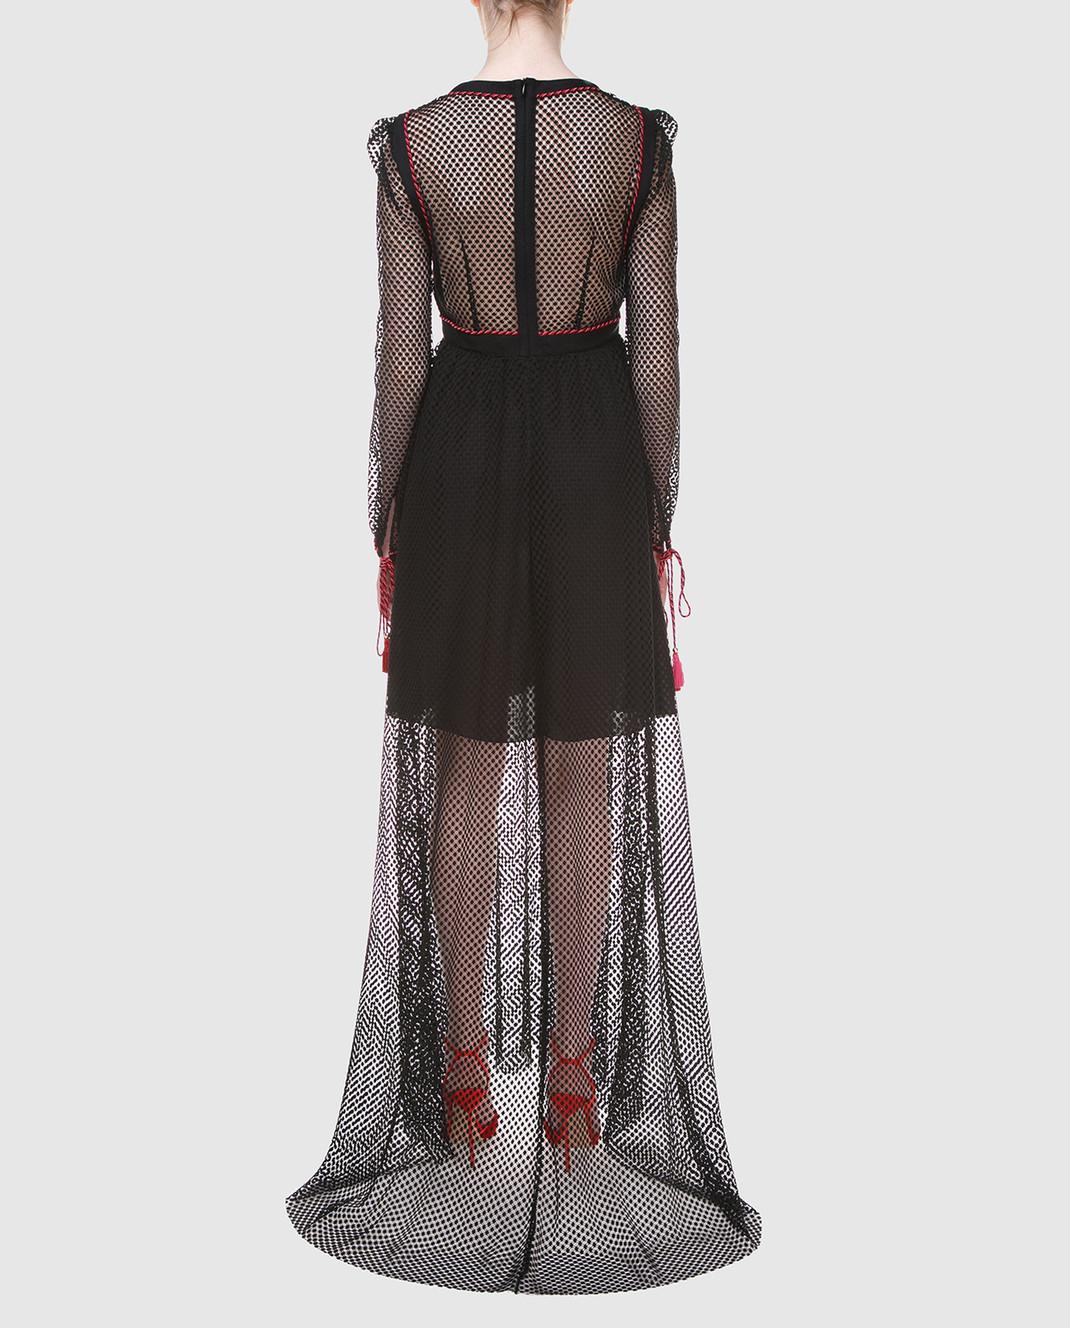 Philosophy di Lorenzo Serafini Черное платье A0441 изображение 4